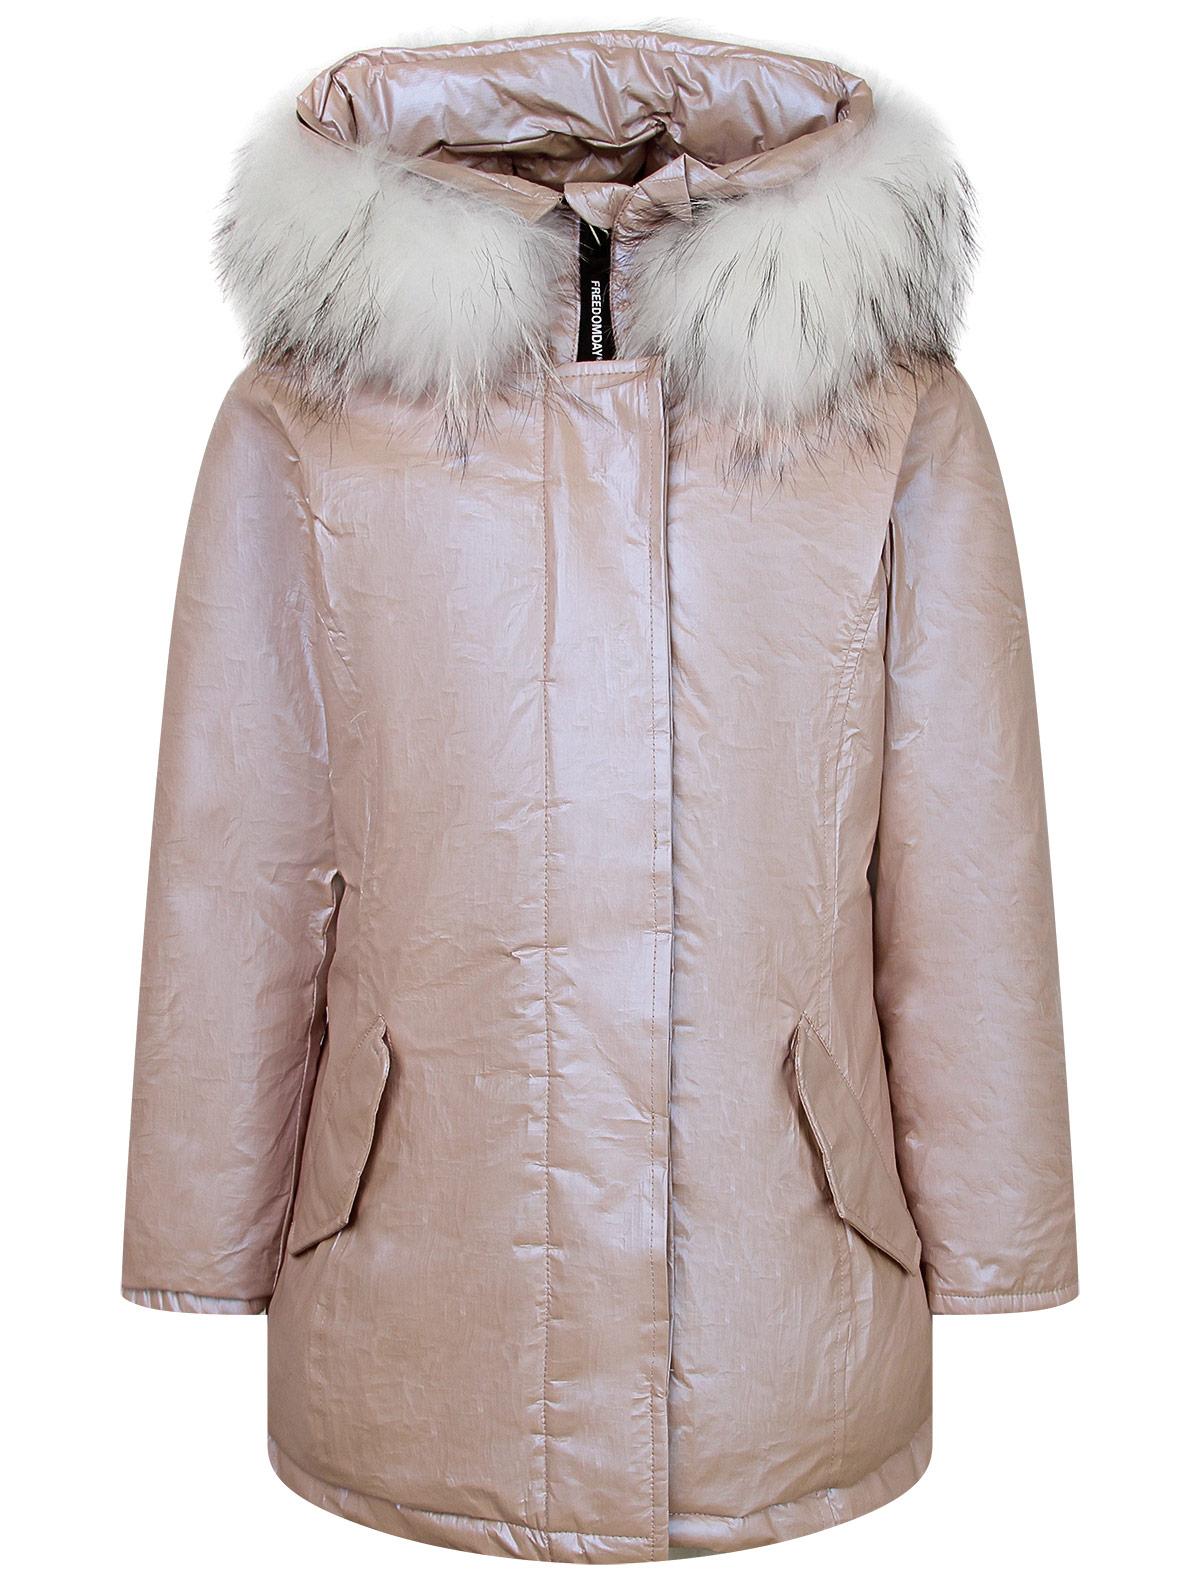 Купить 2243315, Куртка FREEDOMDAY, розовый, Женский, 1074509082828